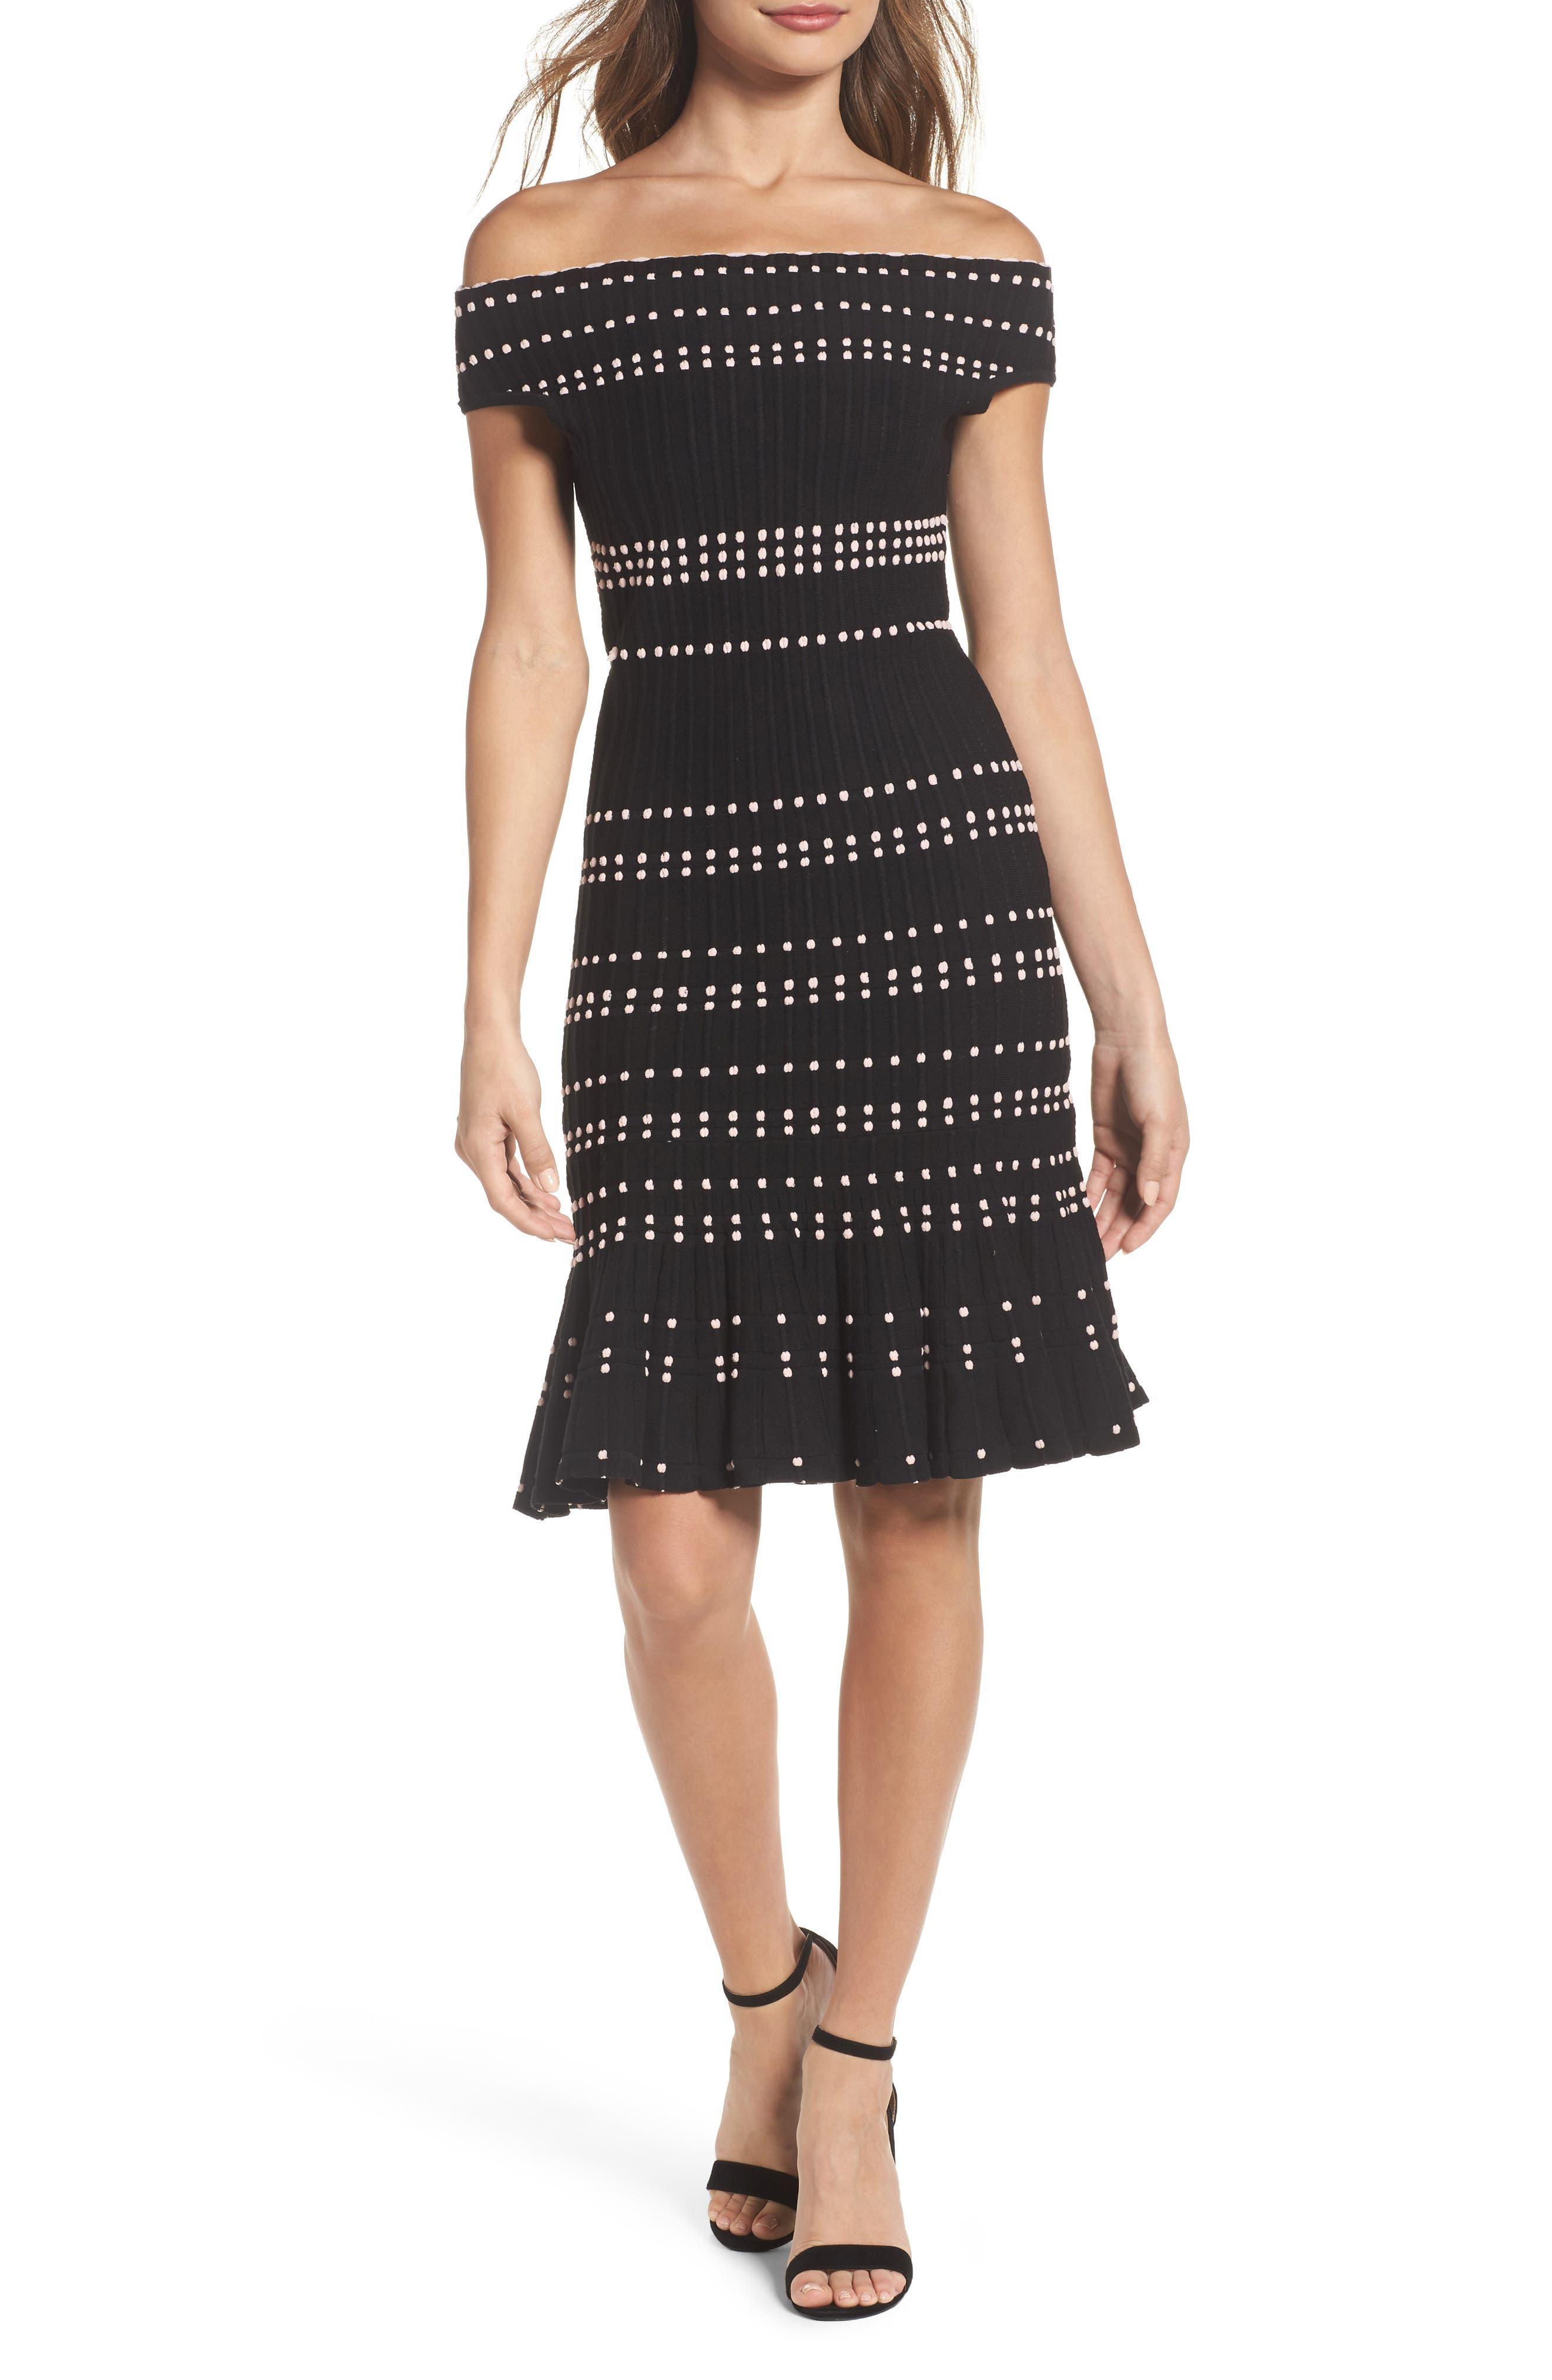 Adelyn Rae Karissa Off the Shoulder Sweater Dress